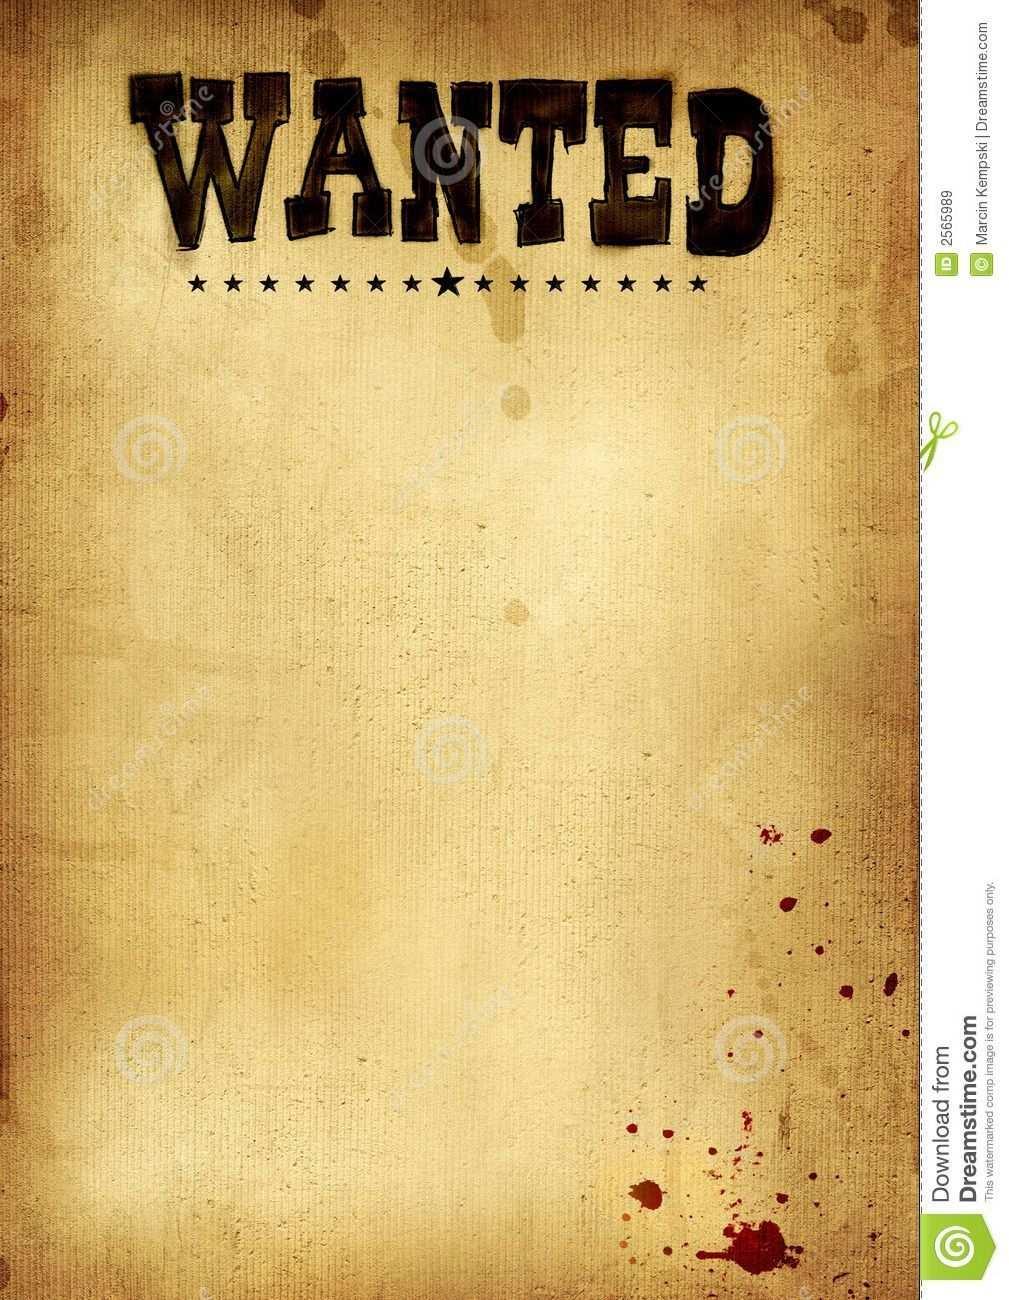 Most Wanted Template Free Download Steckbrief Vorlagen Brief